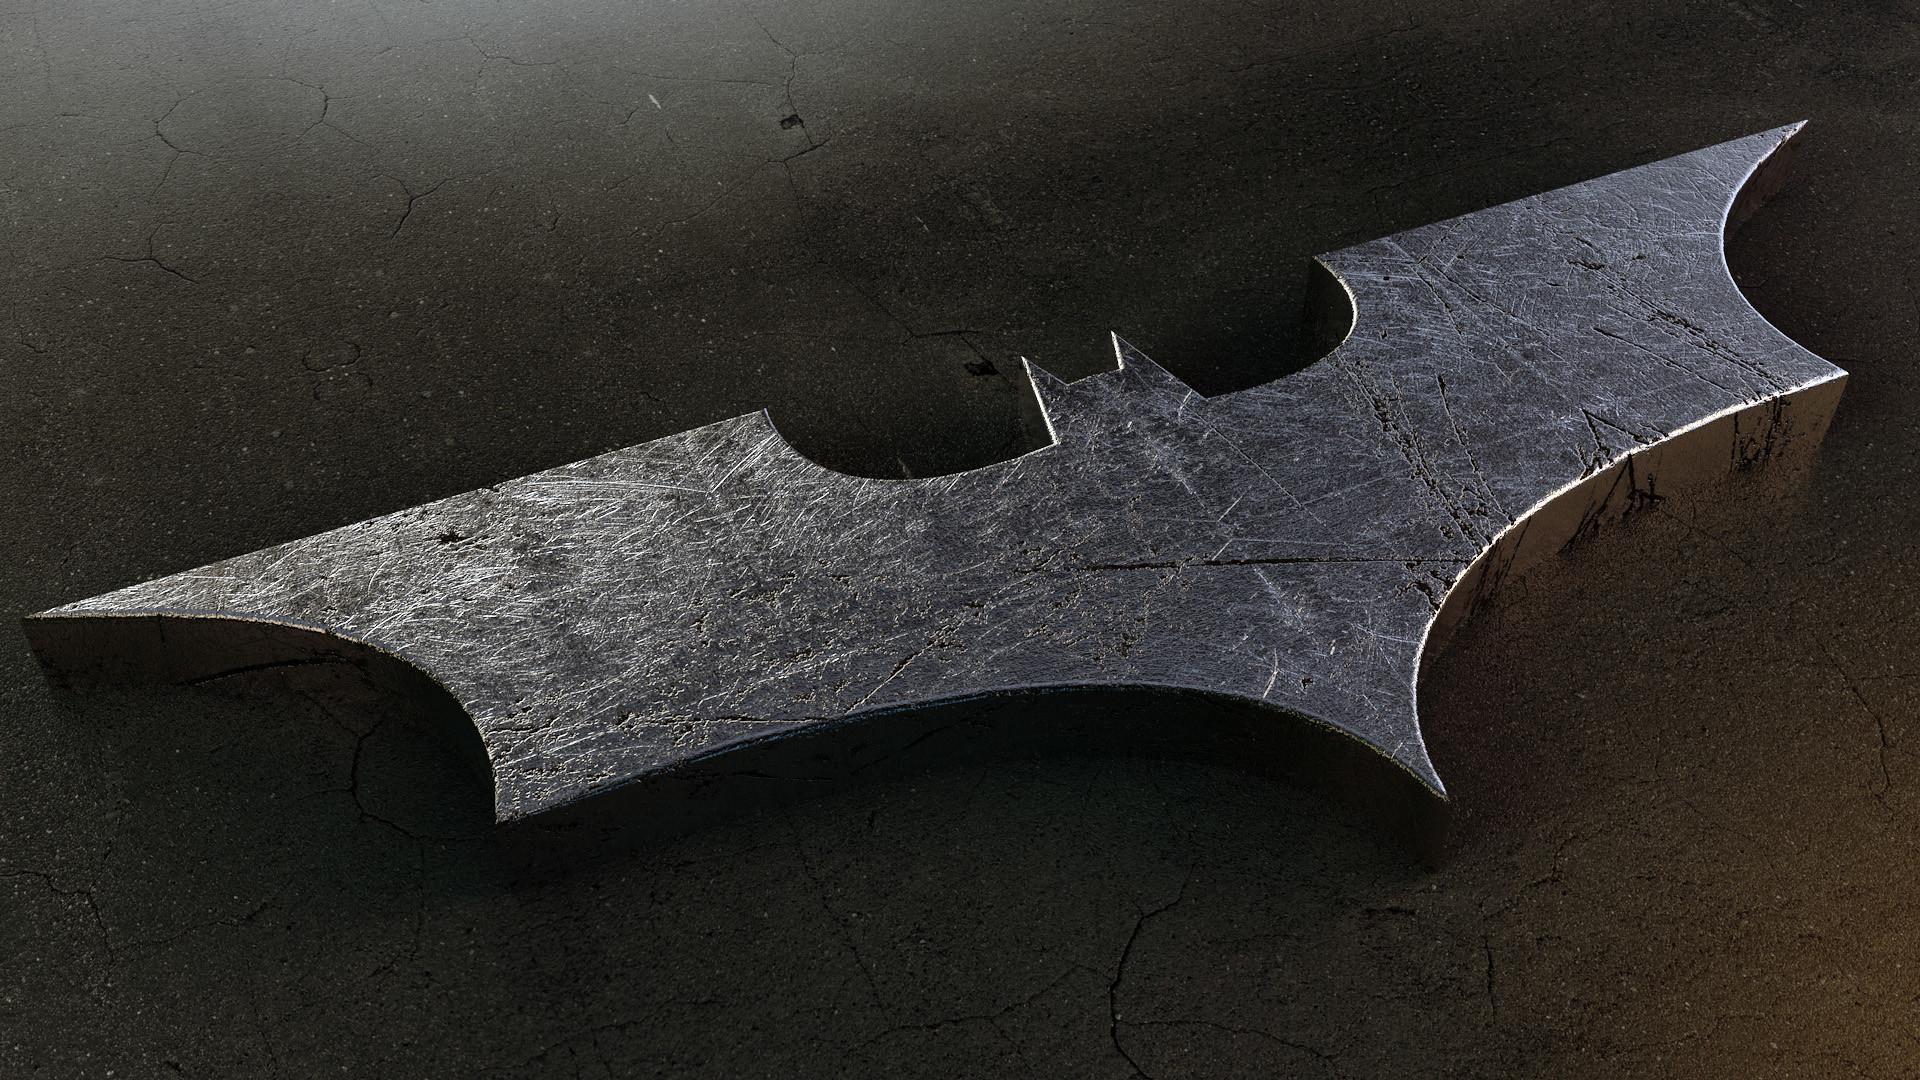 batman pc wallpaper, batman download